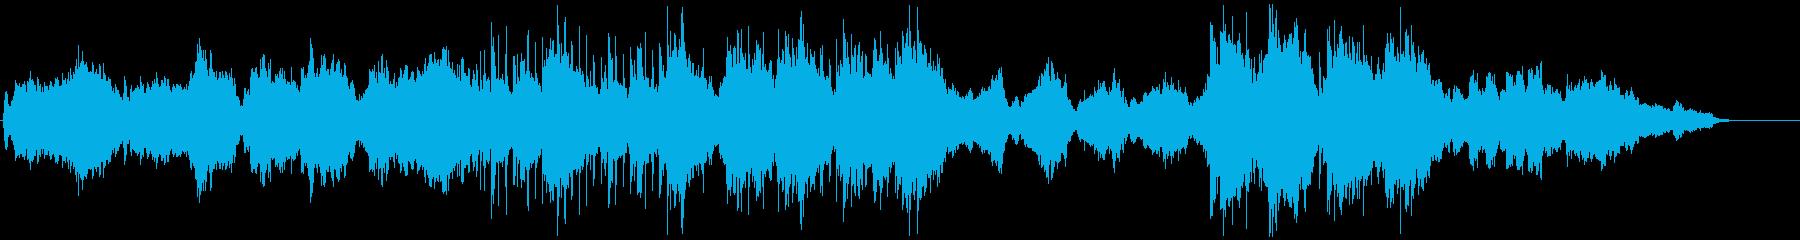 神秘的でオリエンタルなオーケストラ楽曲の再生済みの波形